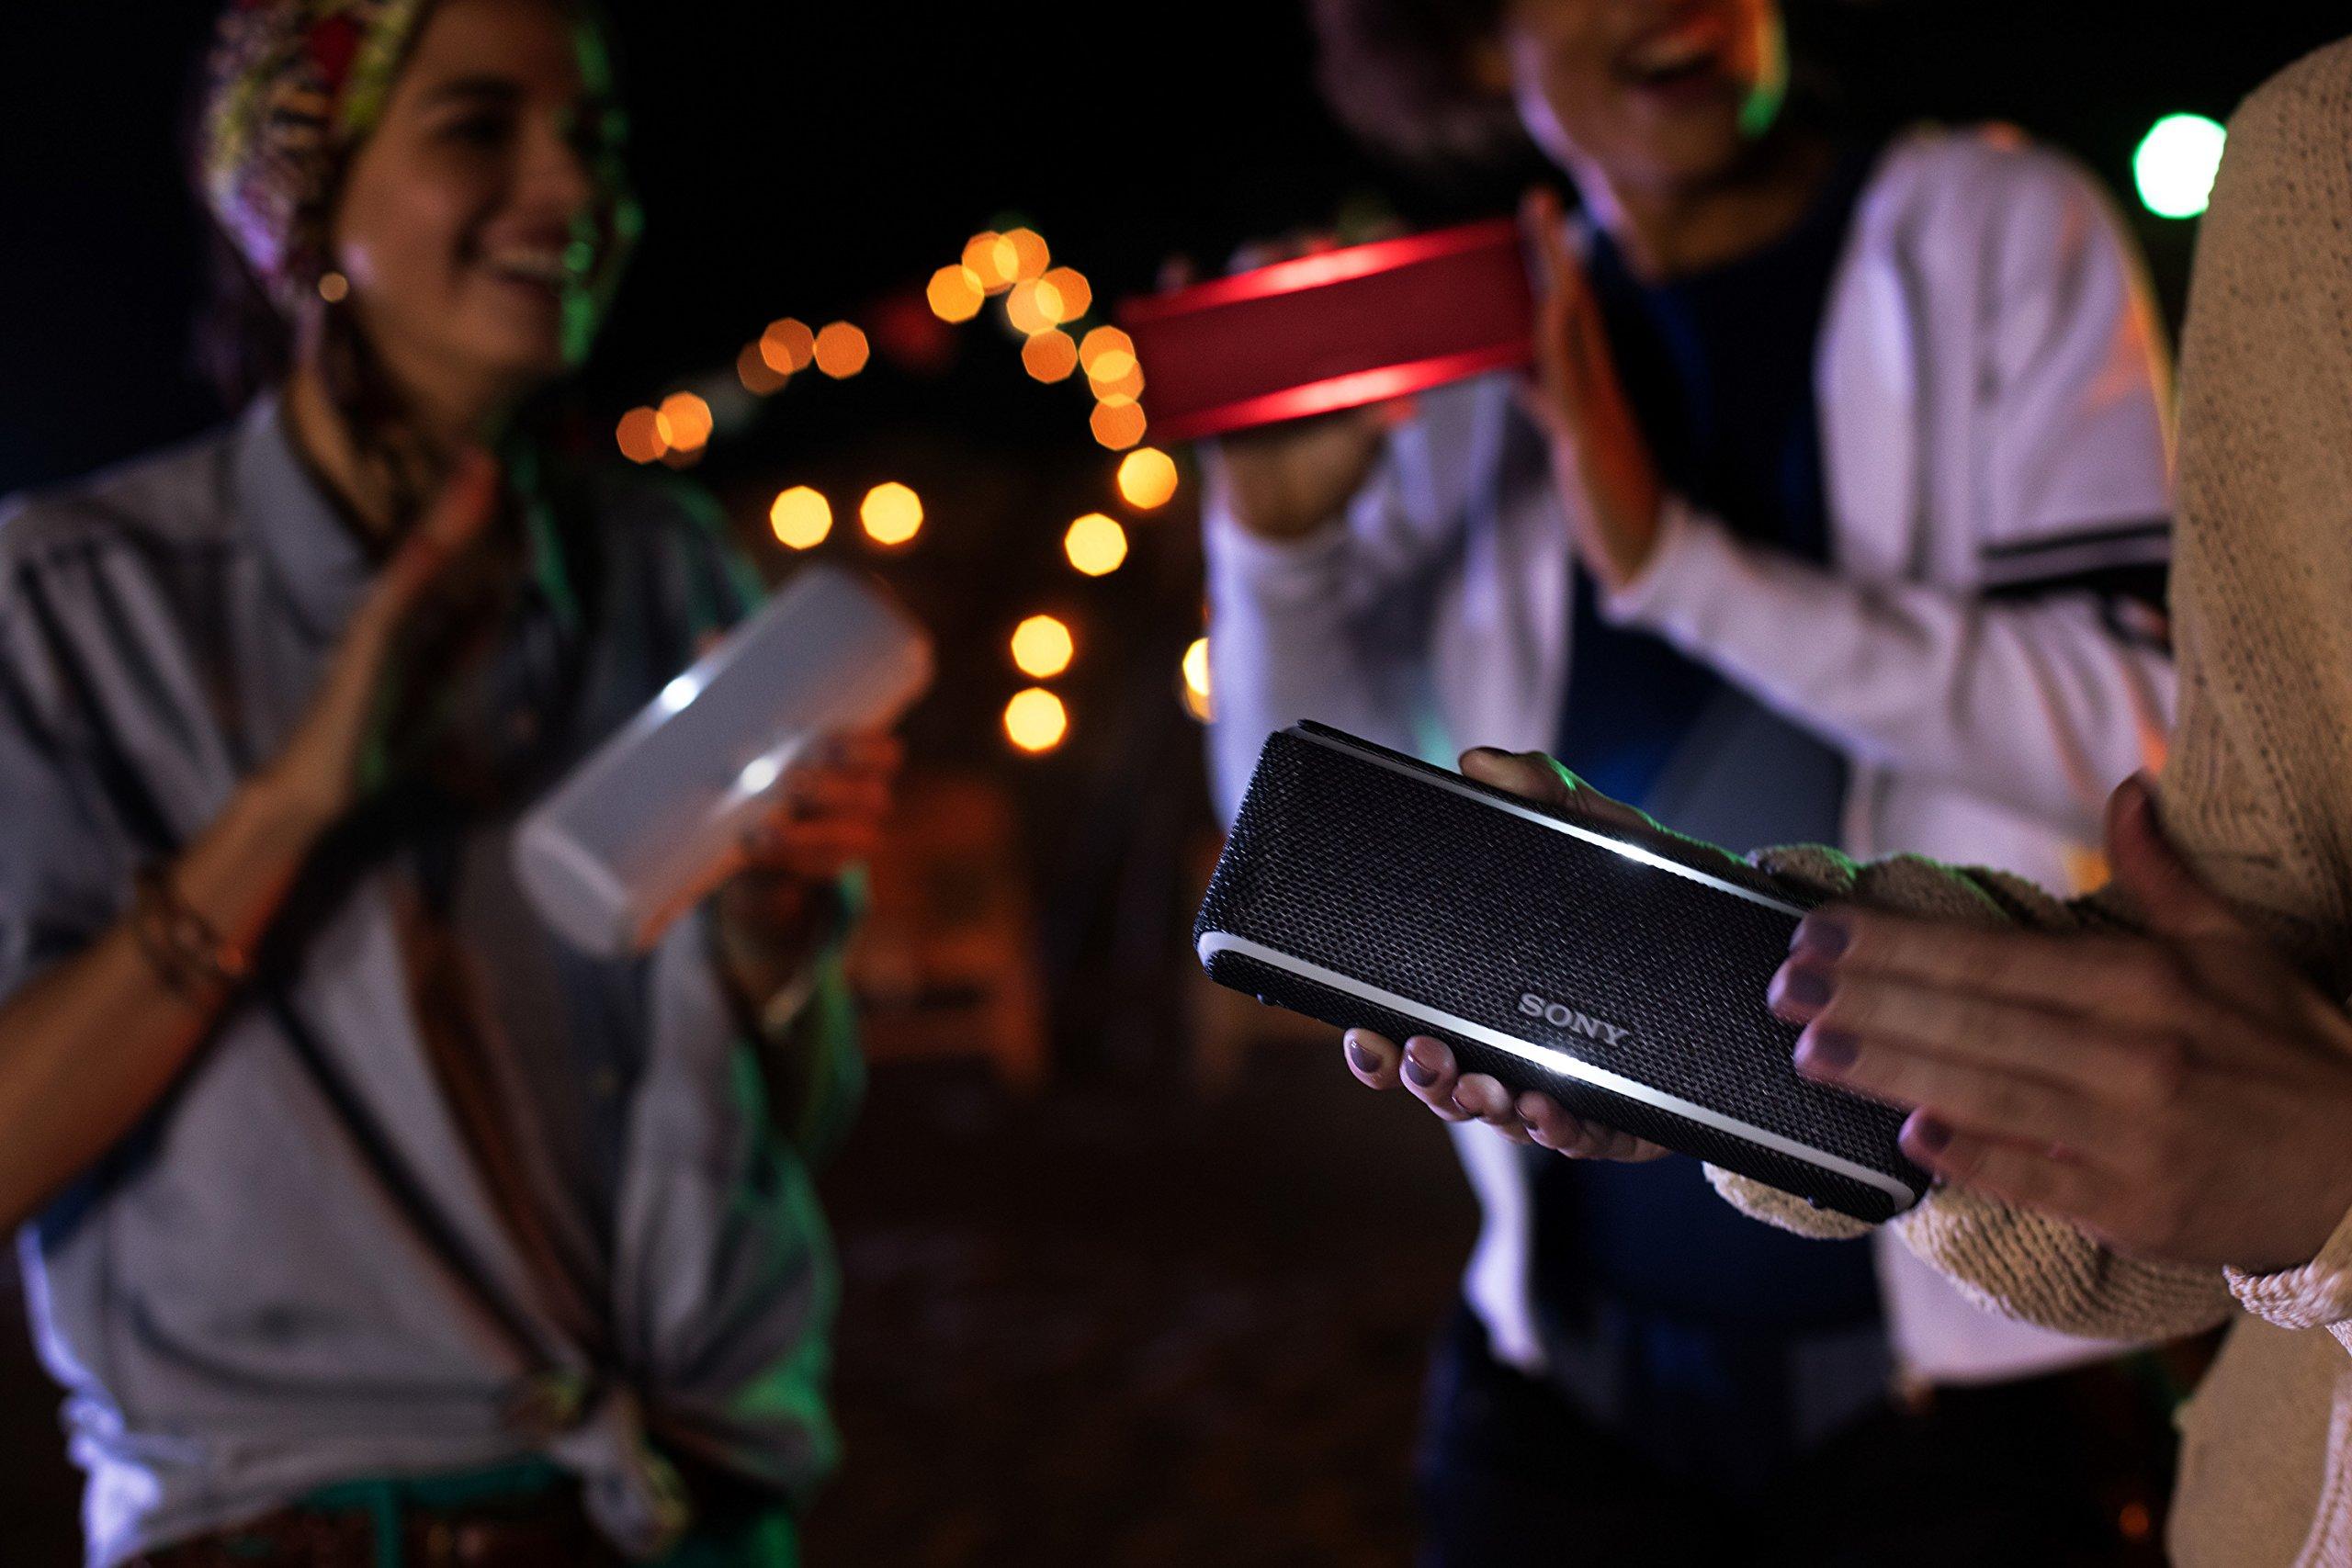 Sony Portable Wireless Waterproof Speaker 9